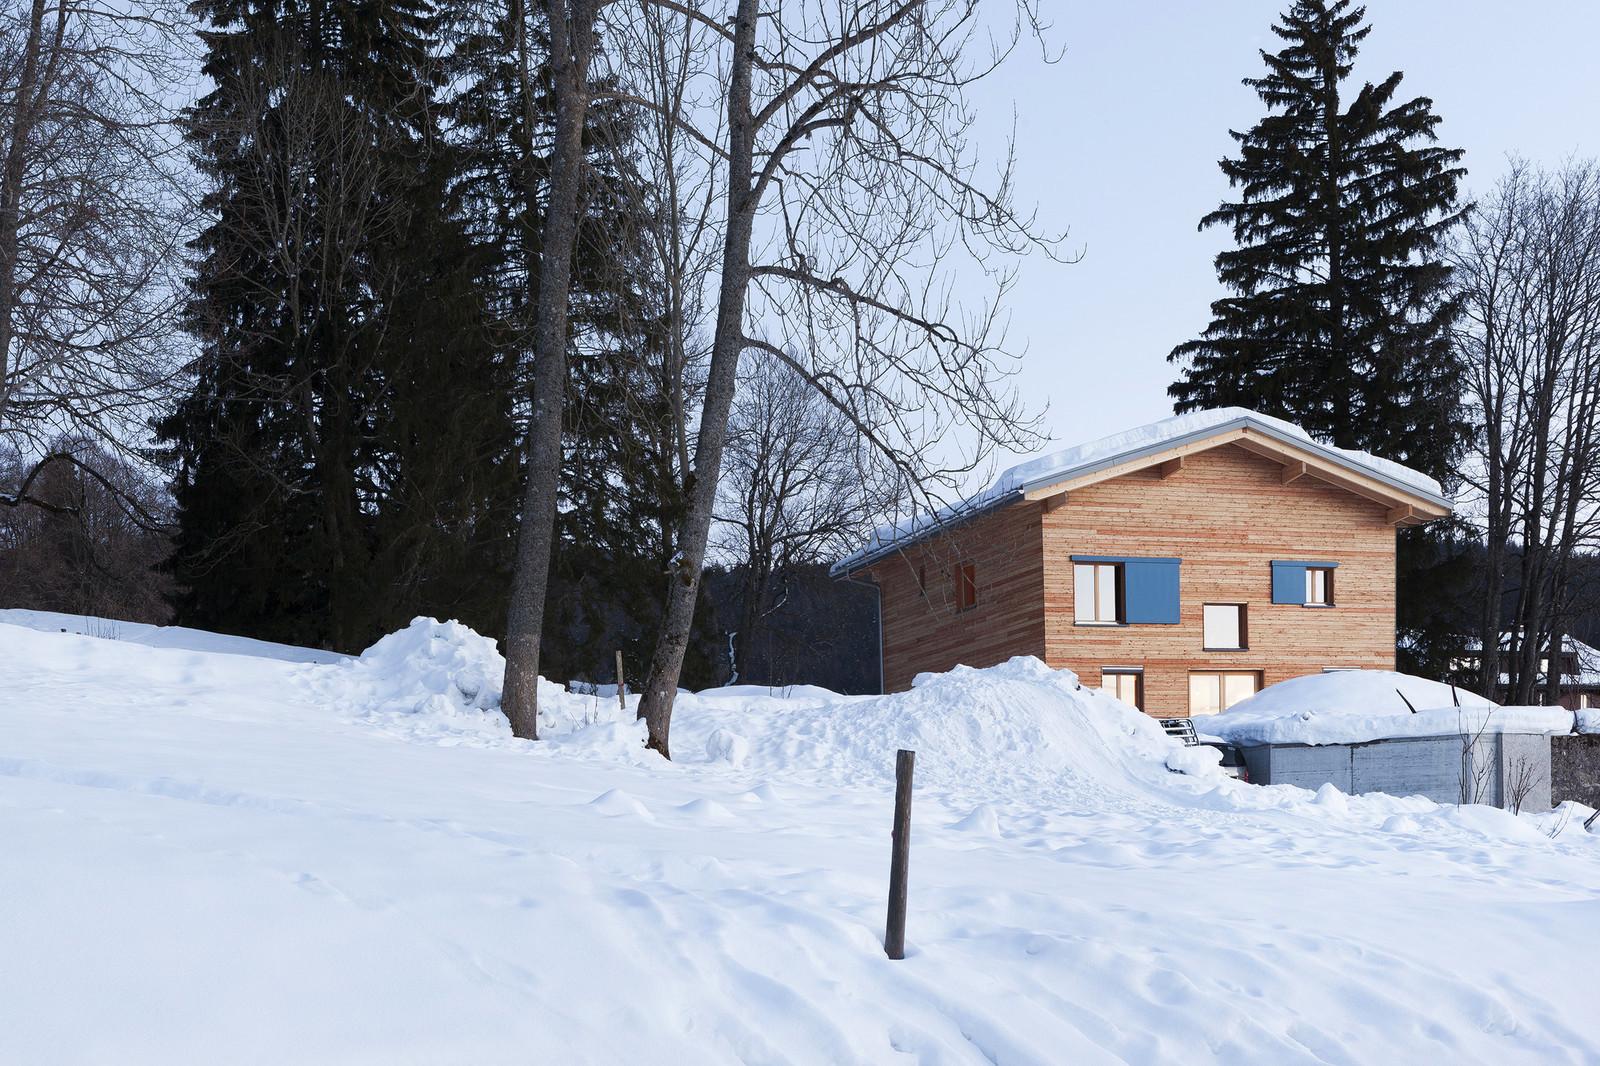 cottage-r-just3ds.com-4